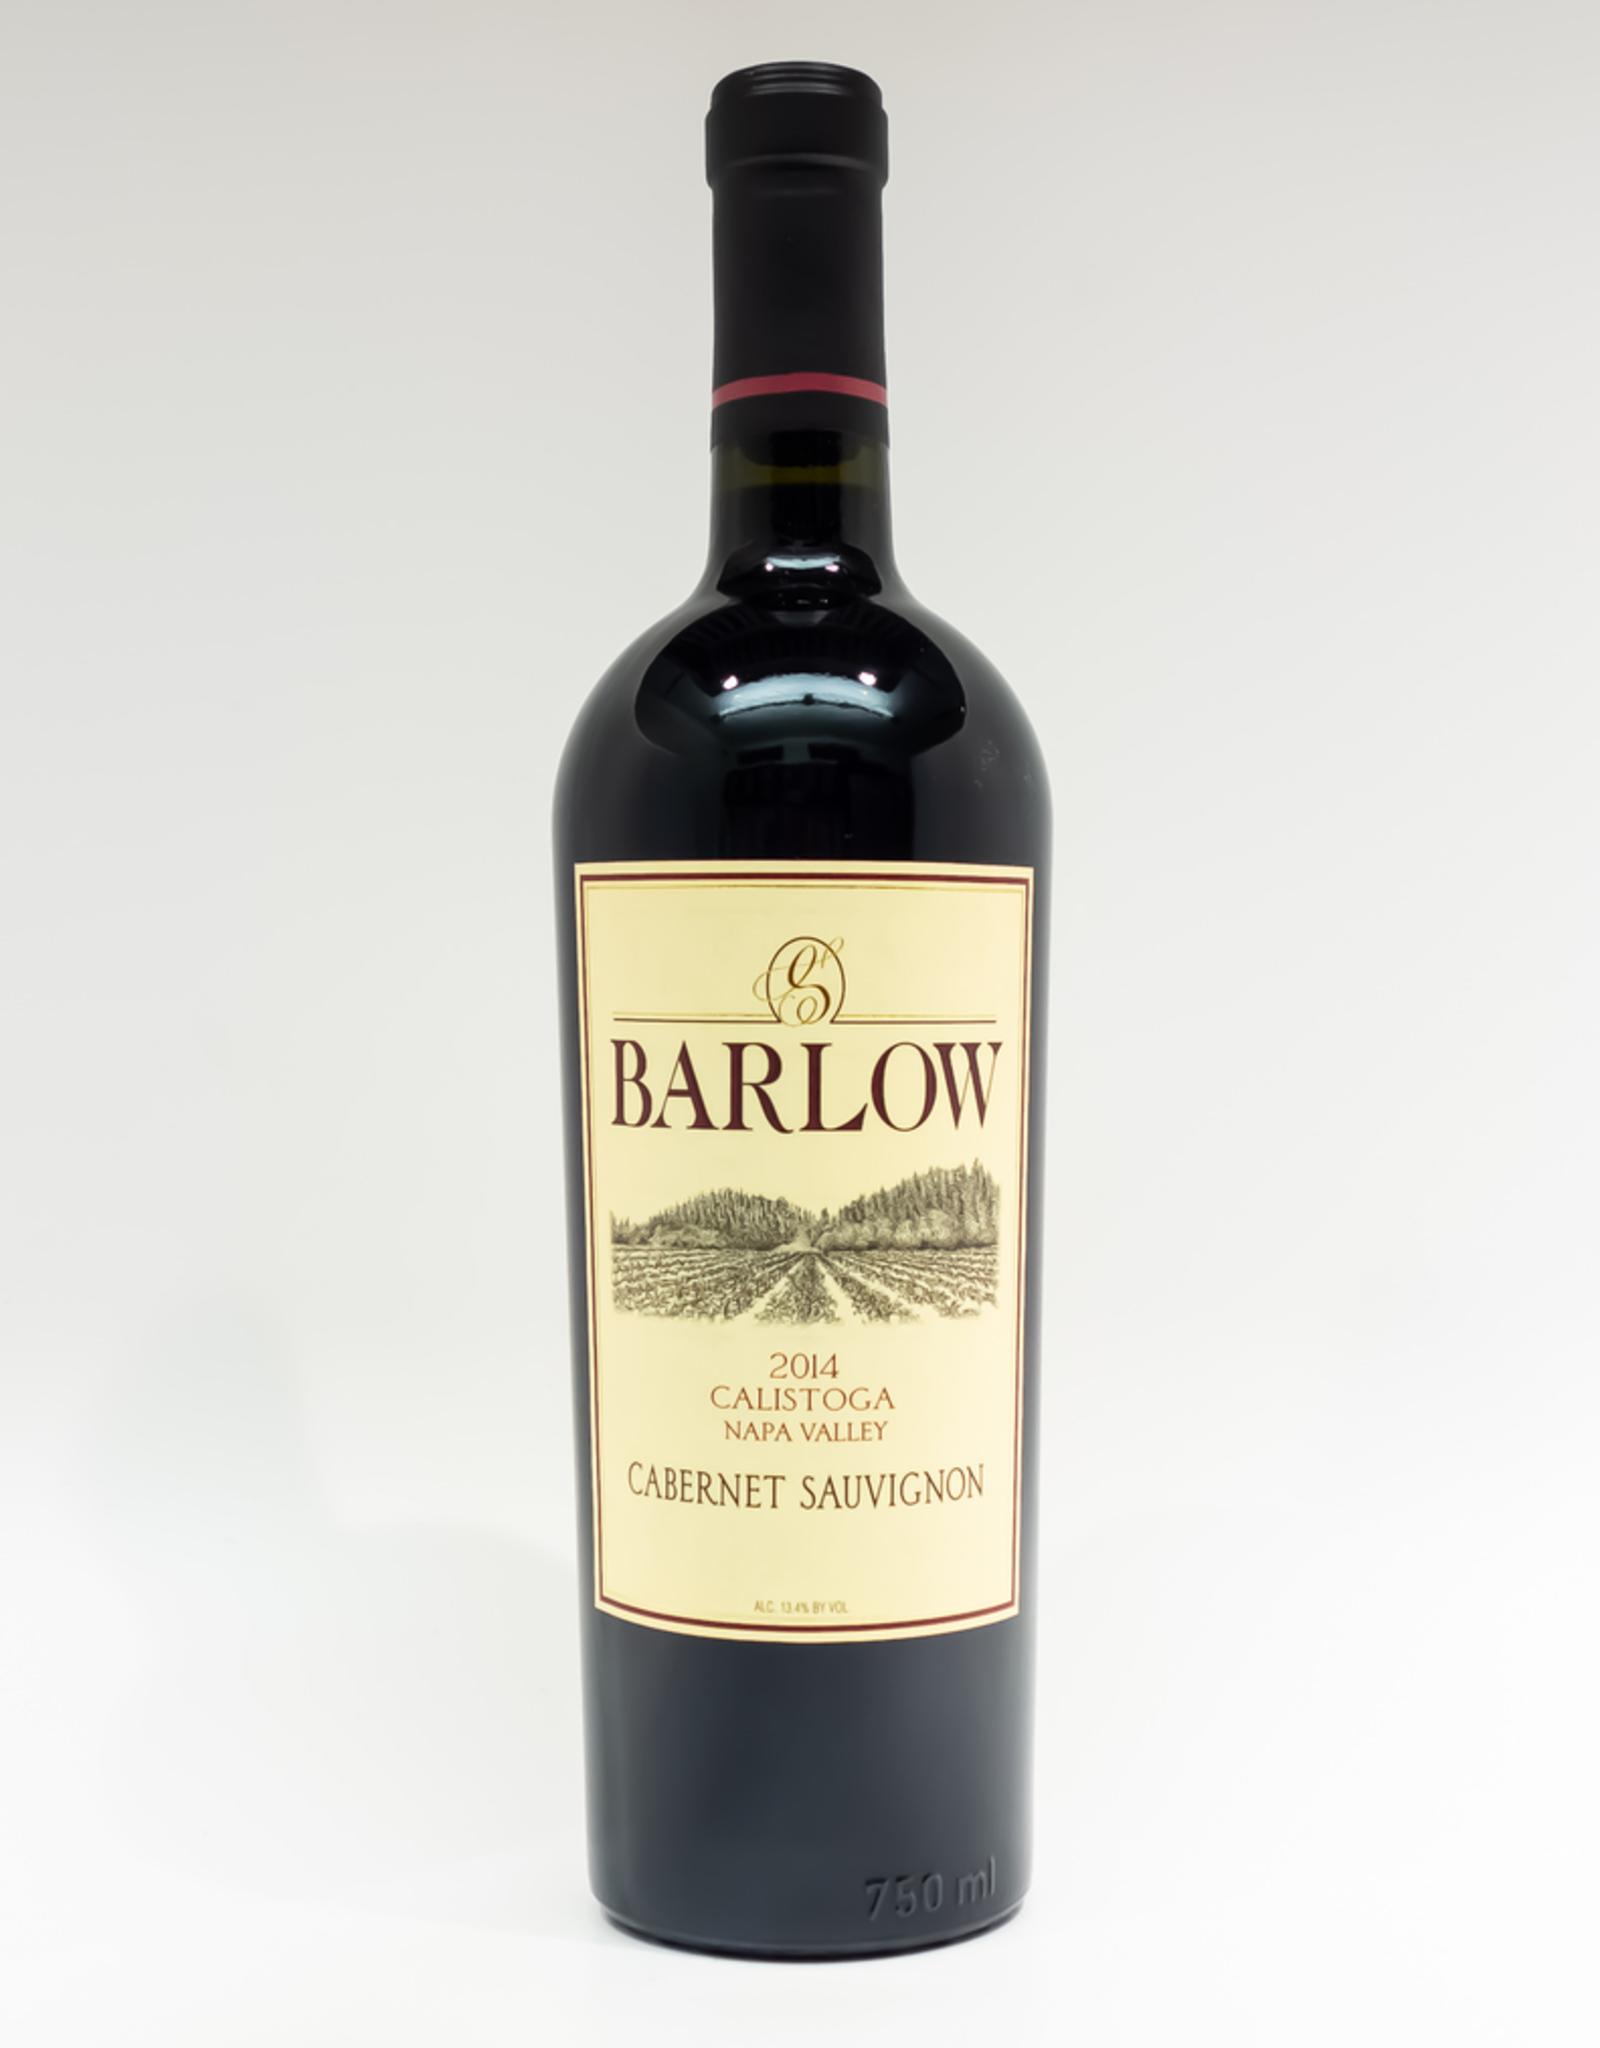 Wine-Red-Big Barlow Cabernet Sauvignon Napa Valley Calistoga 2014